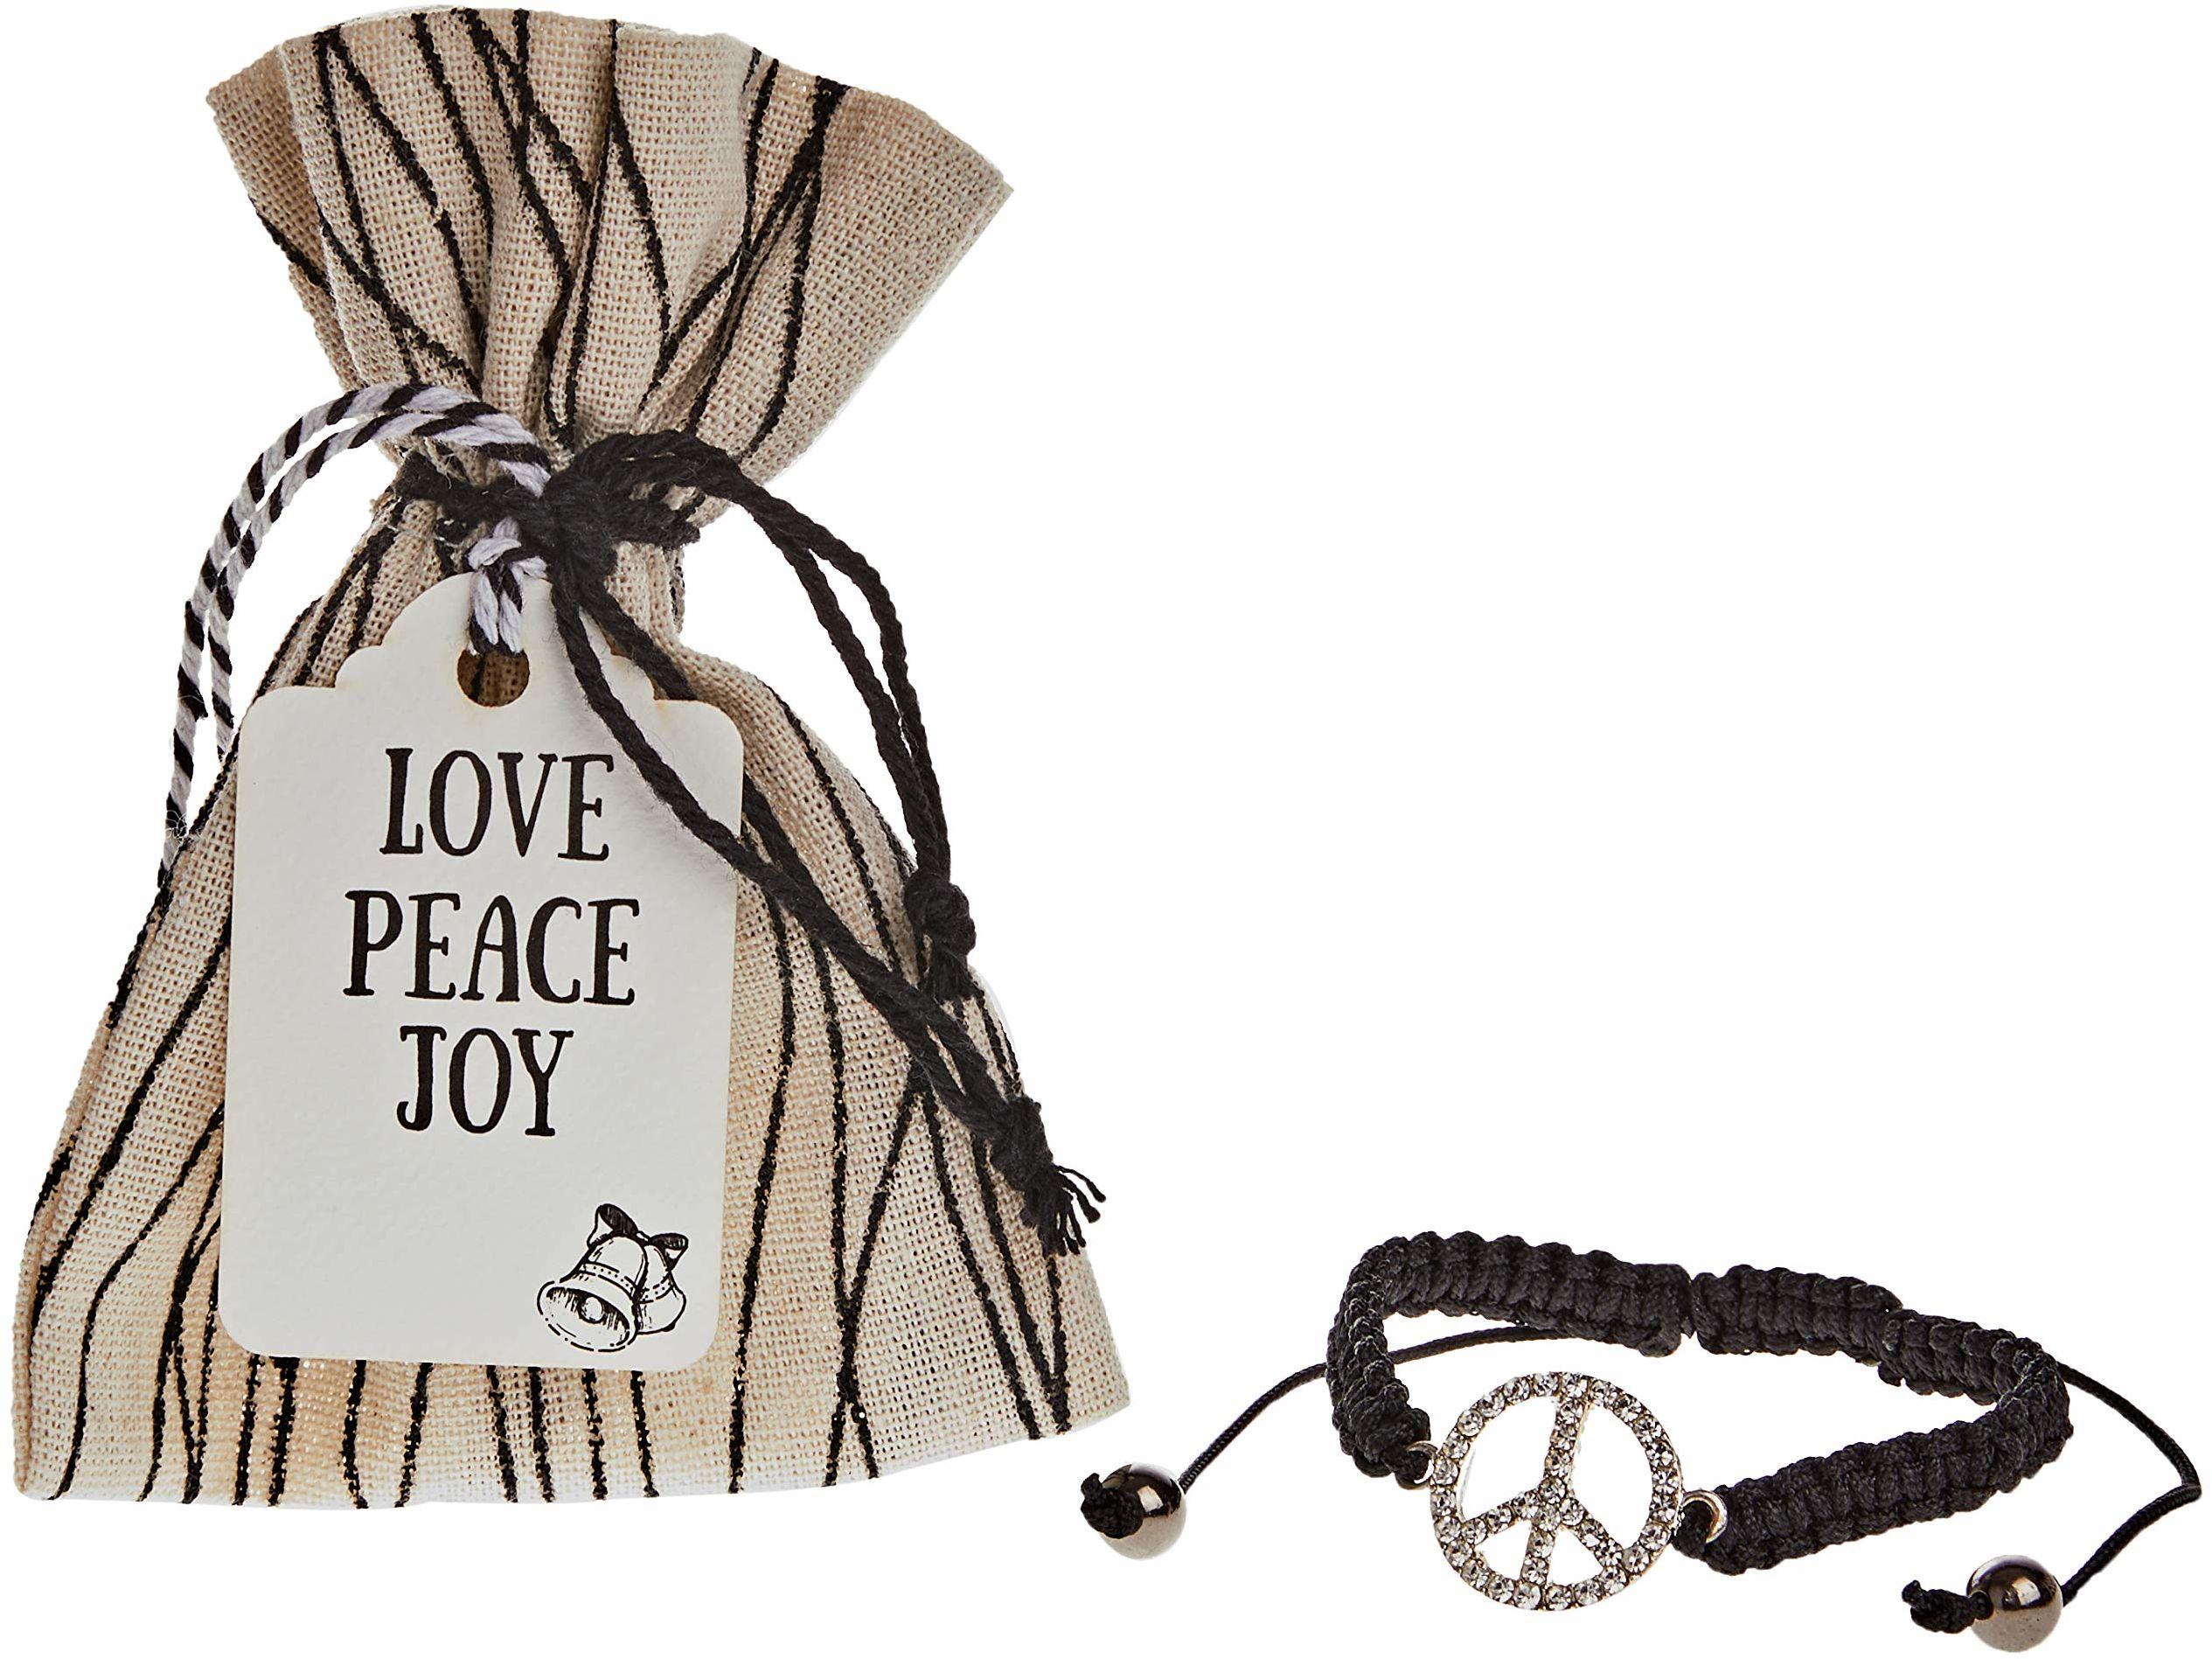 Mopec NK274 bransoletka symbol pokoju w torebce linie z kartką bożonarodzeniową materiał, wielokolorowa, rozmiar uniwersalny